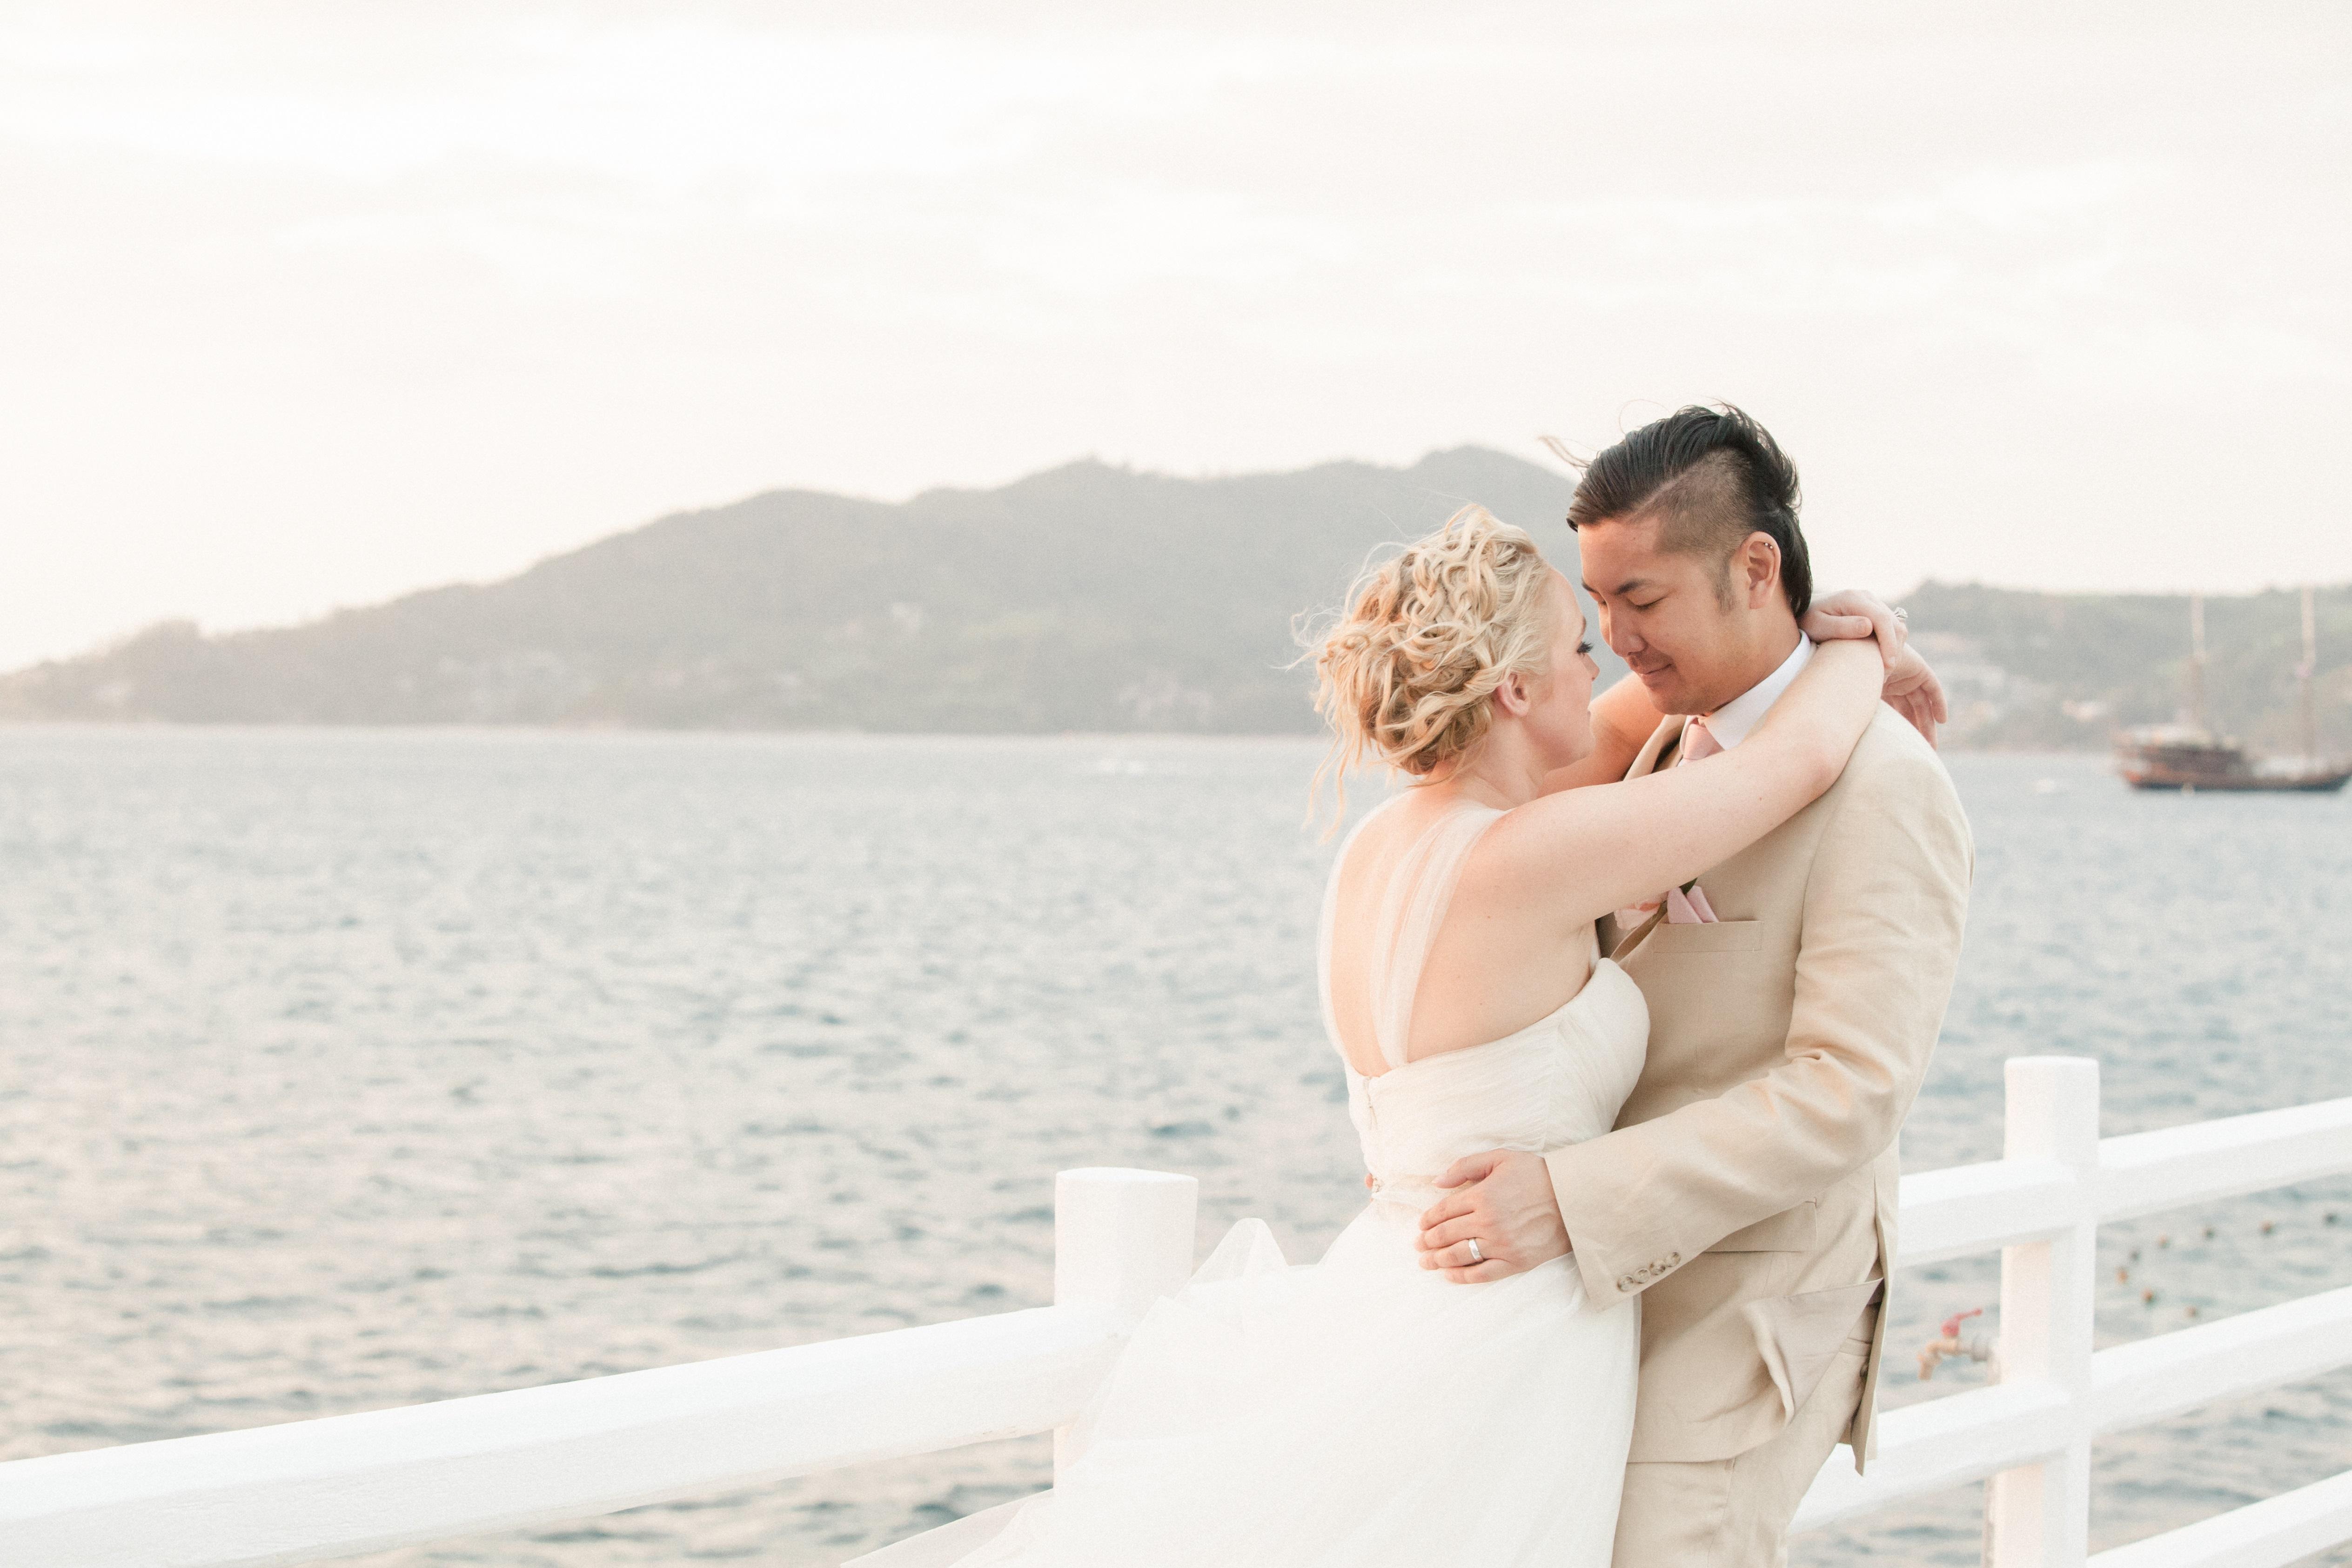 5 เหตุผลที่คู่รักควรจัดงานแต่งงานที่อมารี ภูเก็ต